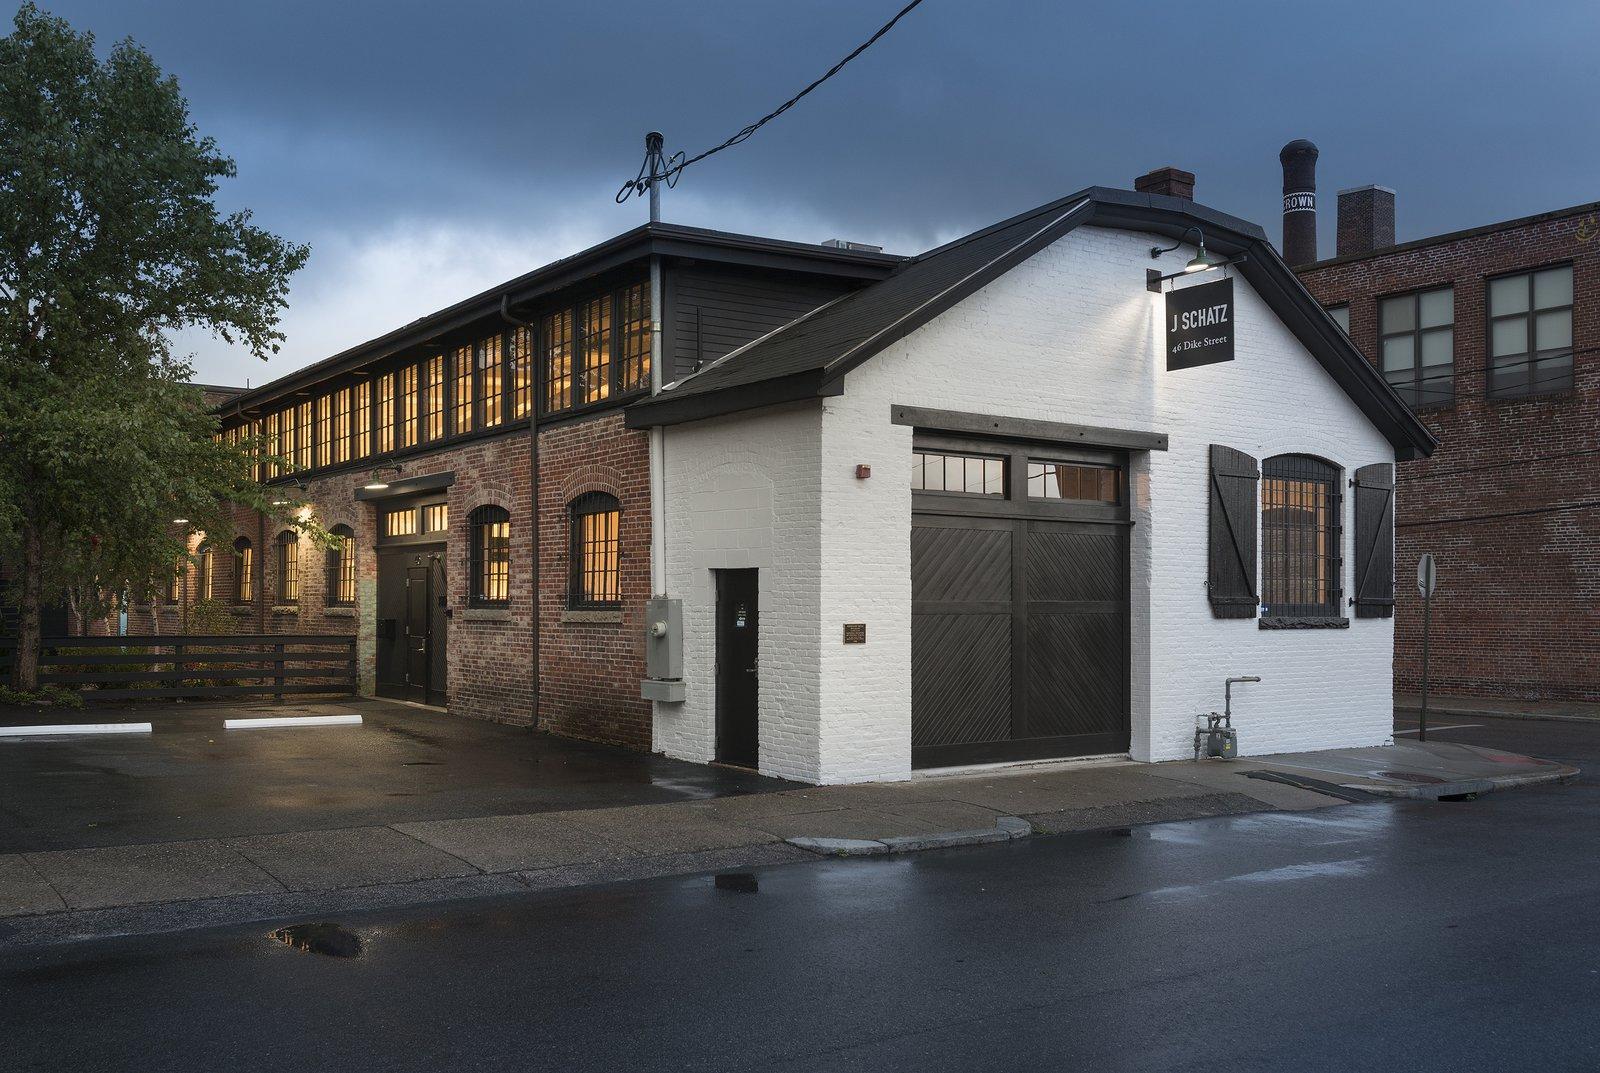 Dye House Lofts exterior